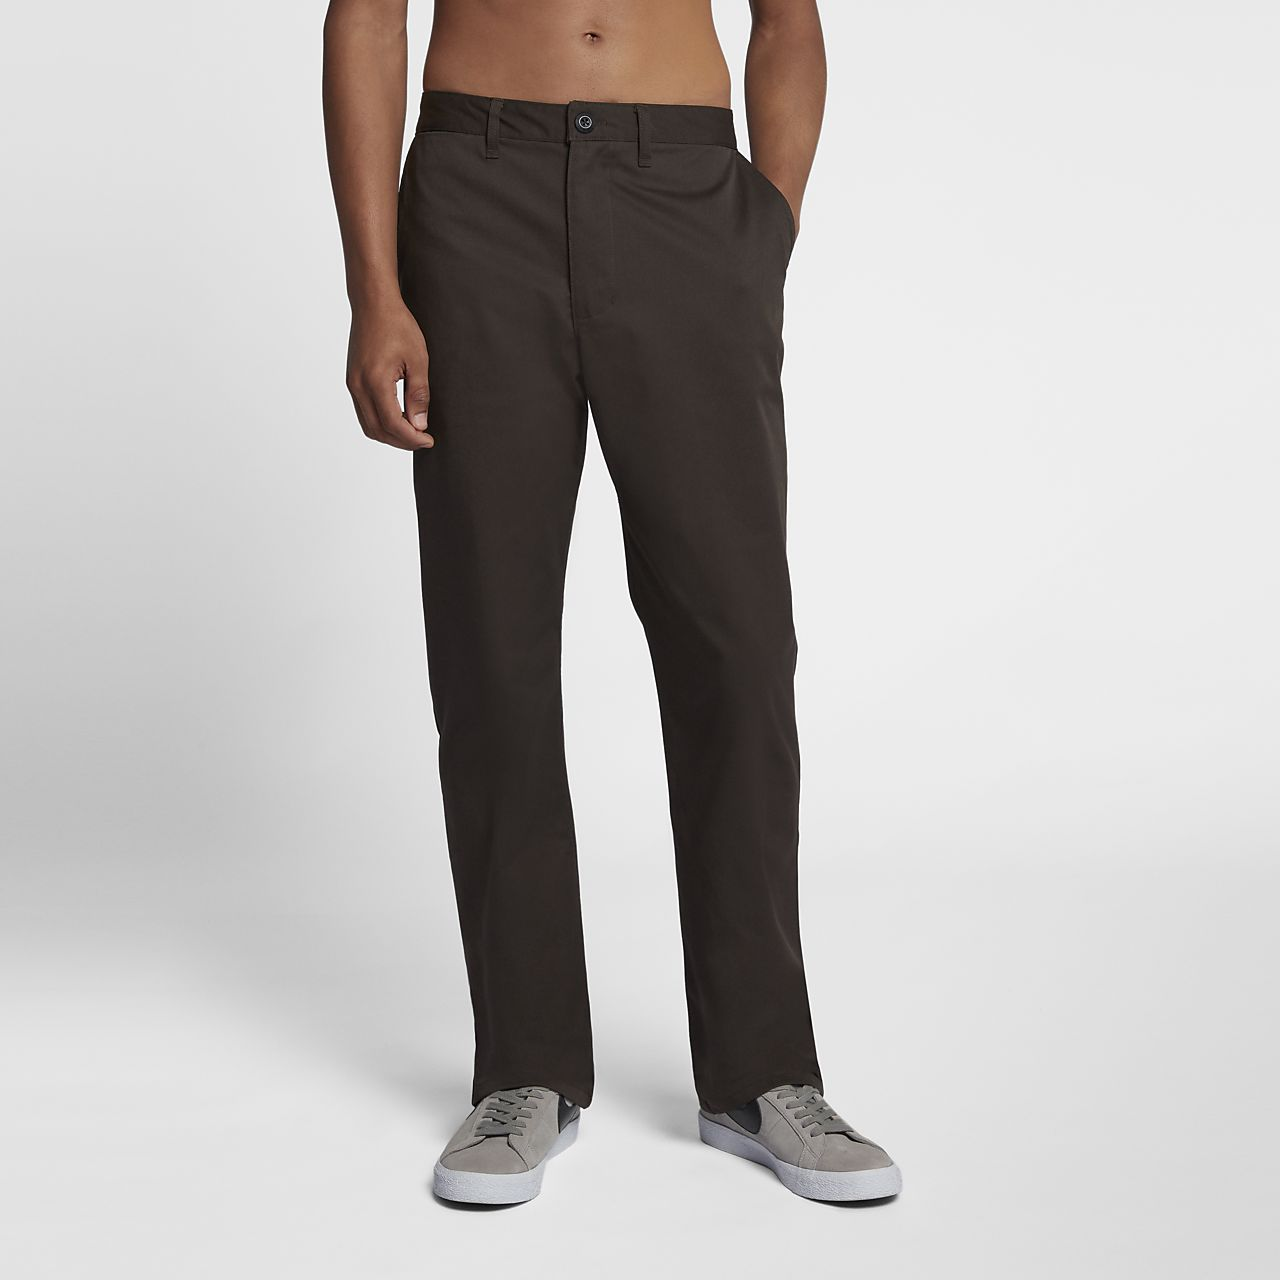 038d77e6c6bc Nike SB Dri-FIT FTM Men s Loose Fit Pants. Nike.com